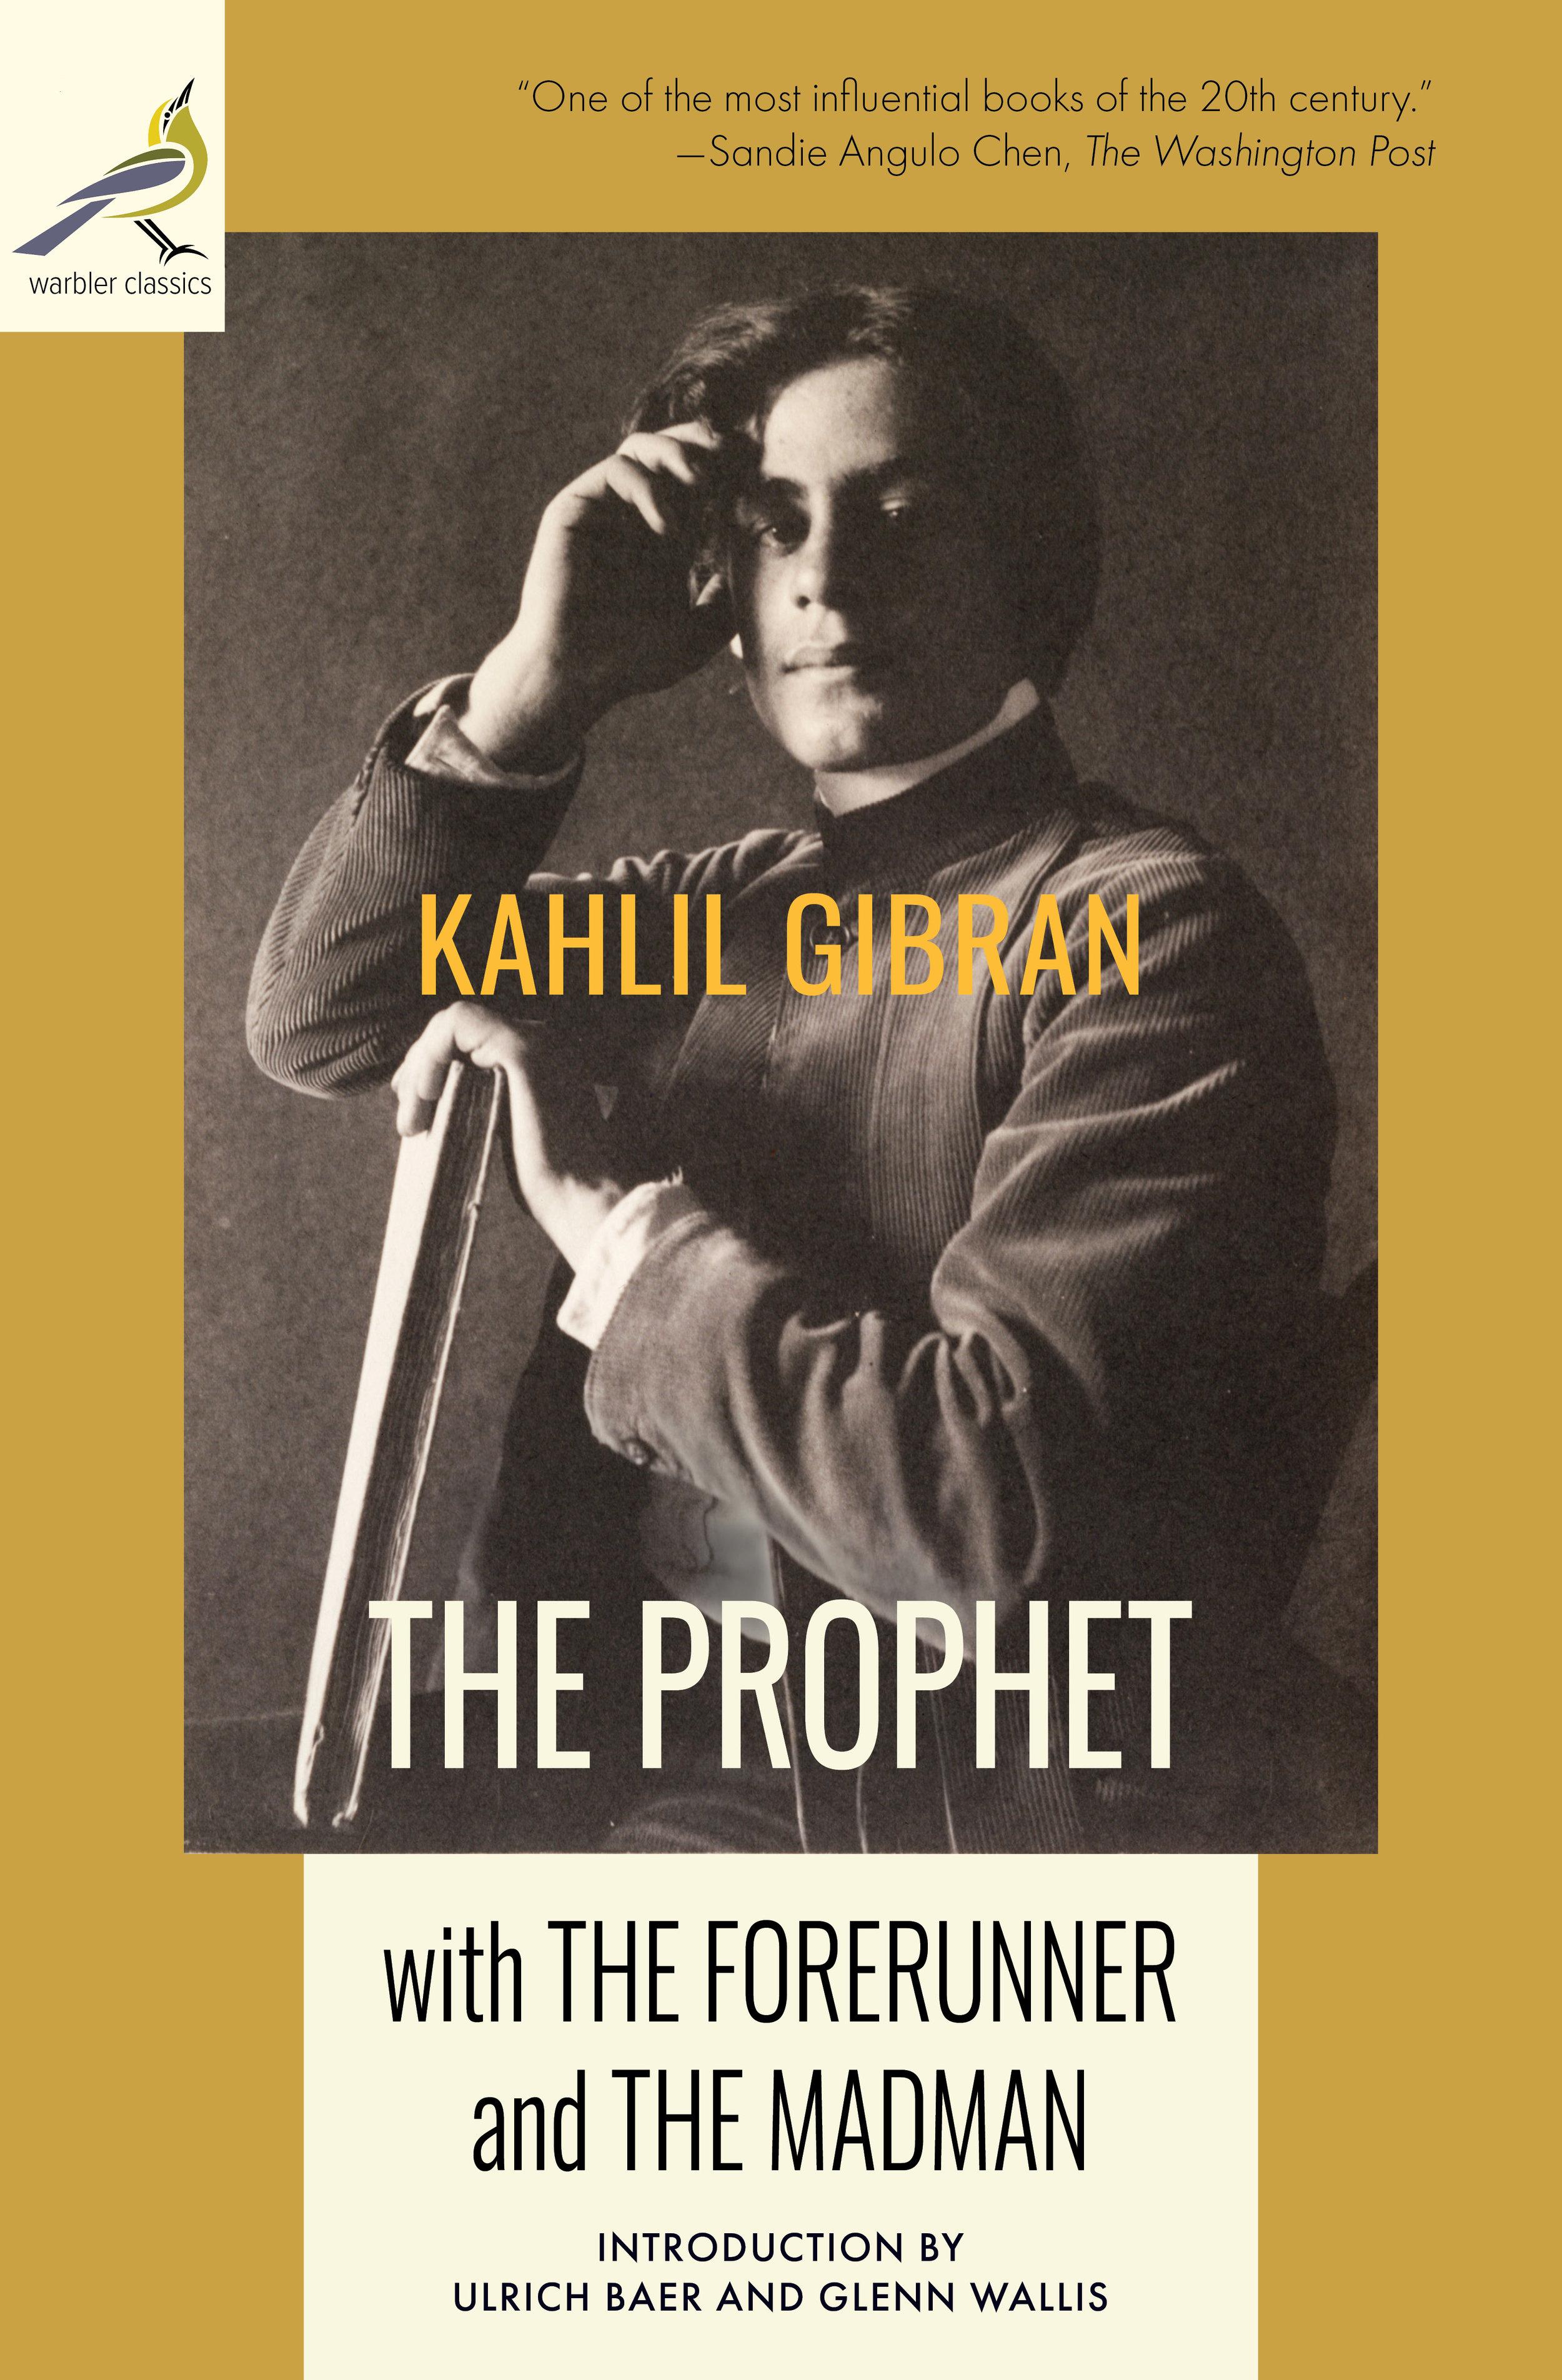 Kahlil Gibran The Prophet half cover.jpg